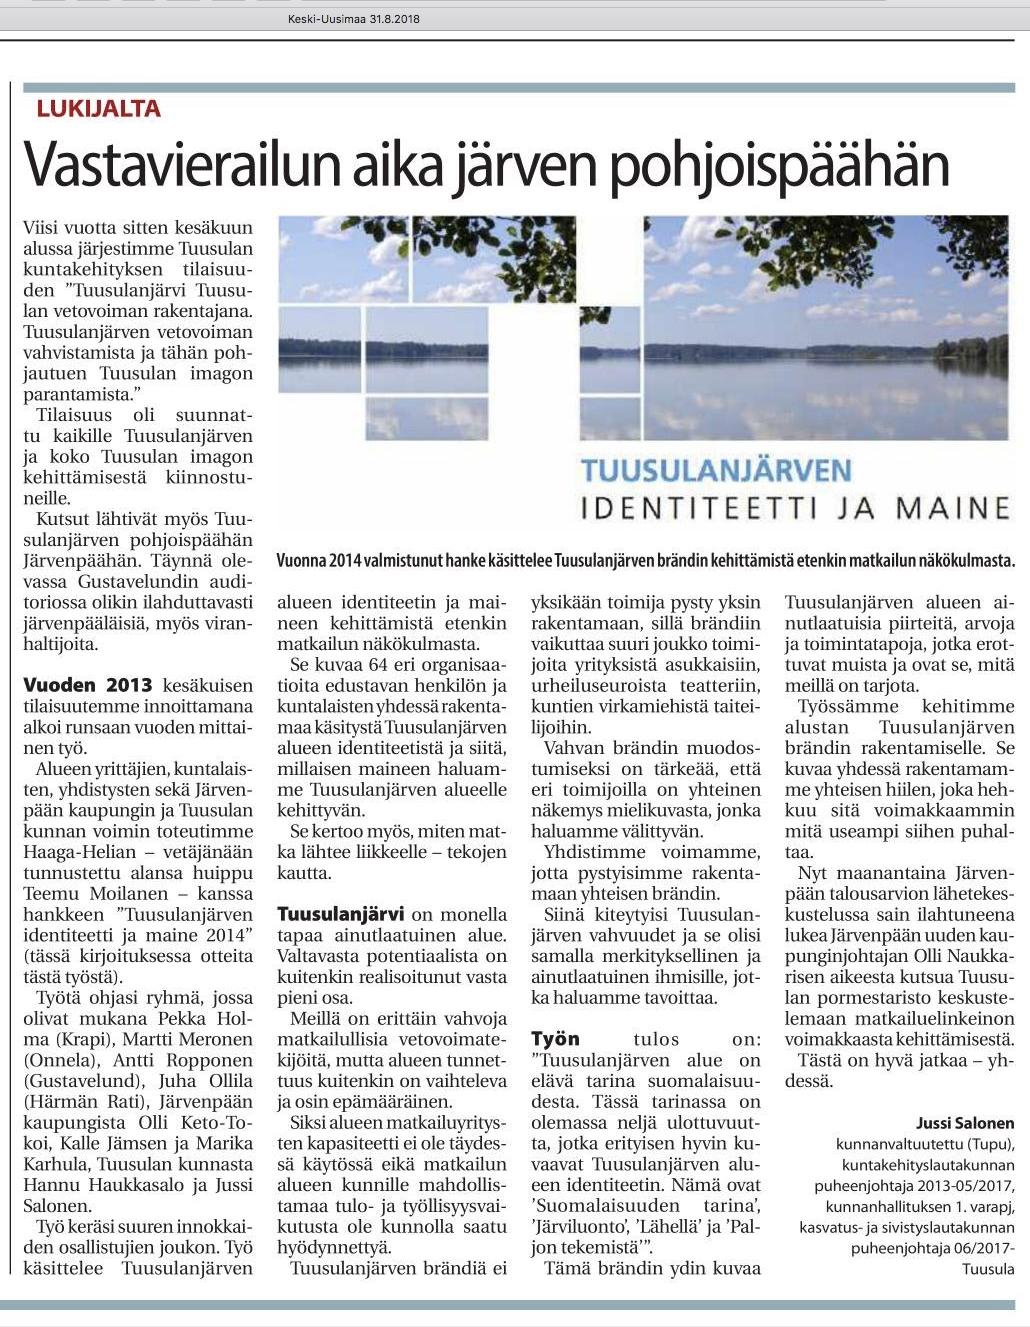 Keski-Uusimaa 2018-08-31 Lukijalta Jussi Salonen: Vastavierailun aika järven pohjoispäähän